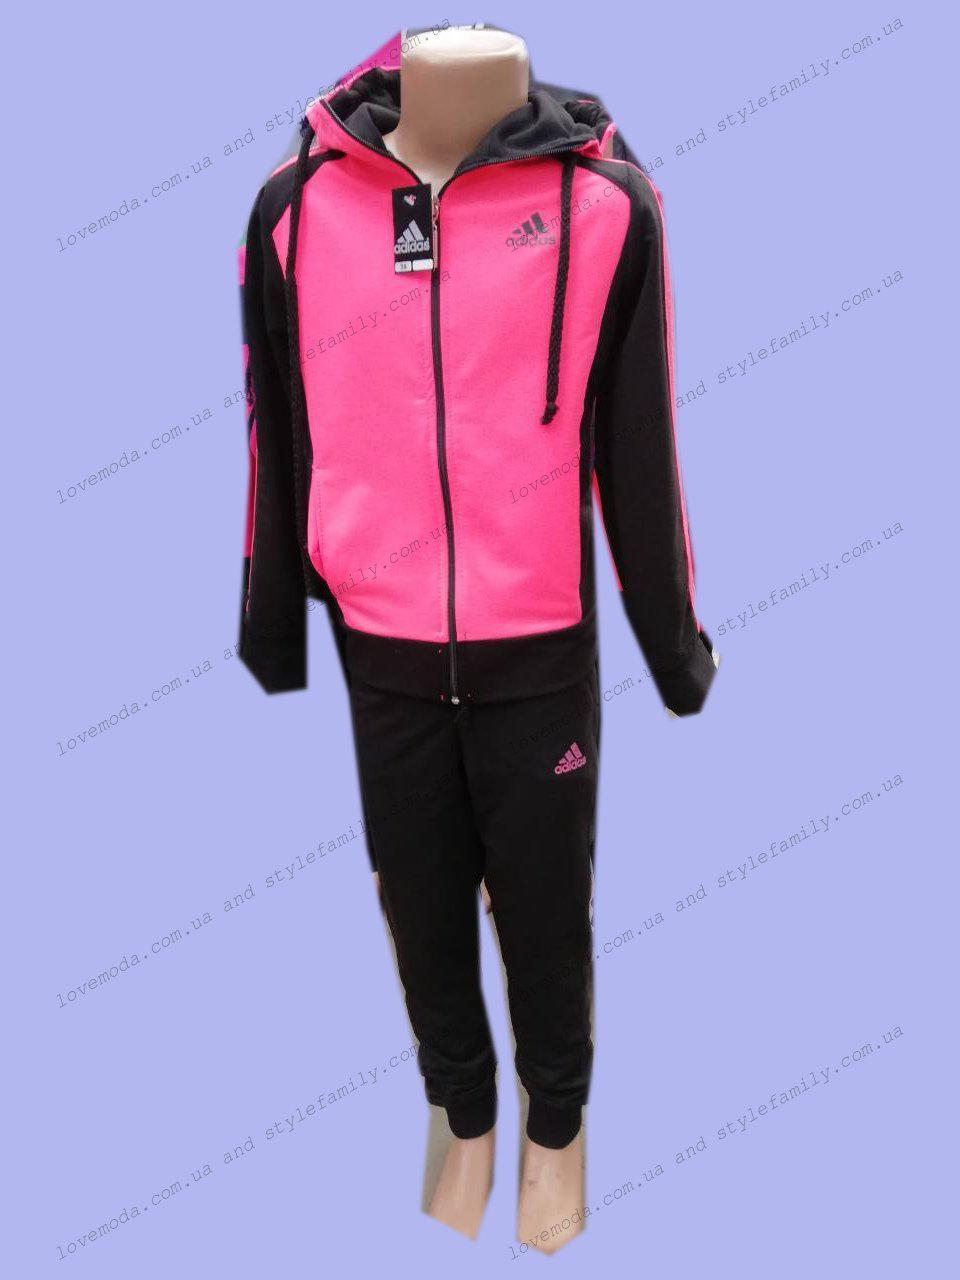 ddacdebed850 Подростковый спортивный костюм adidas для девочки